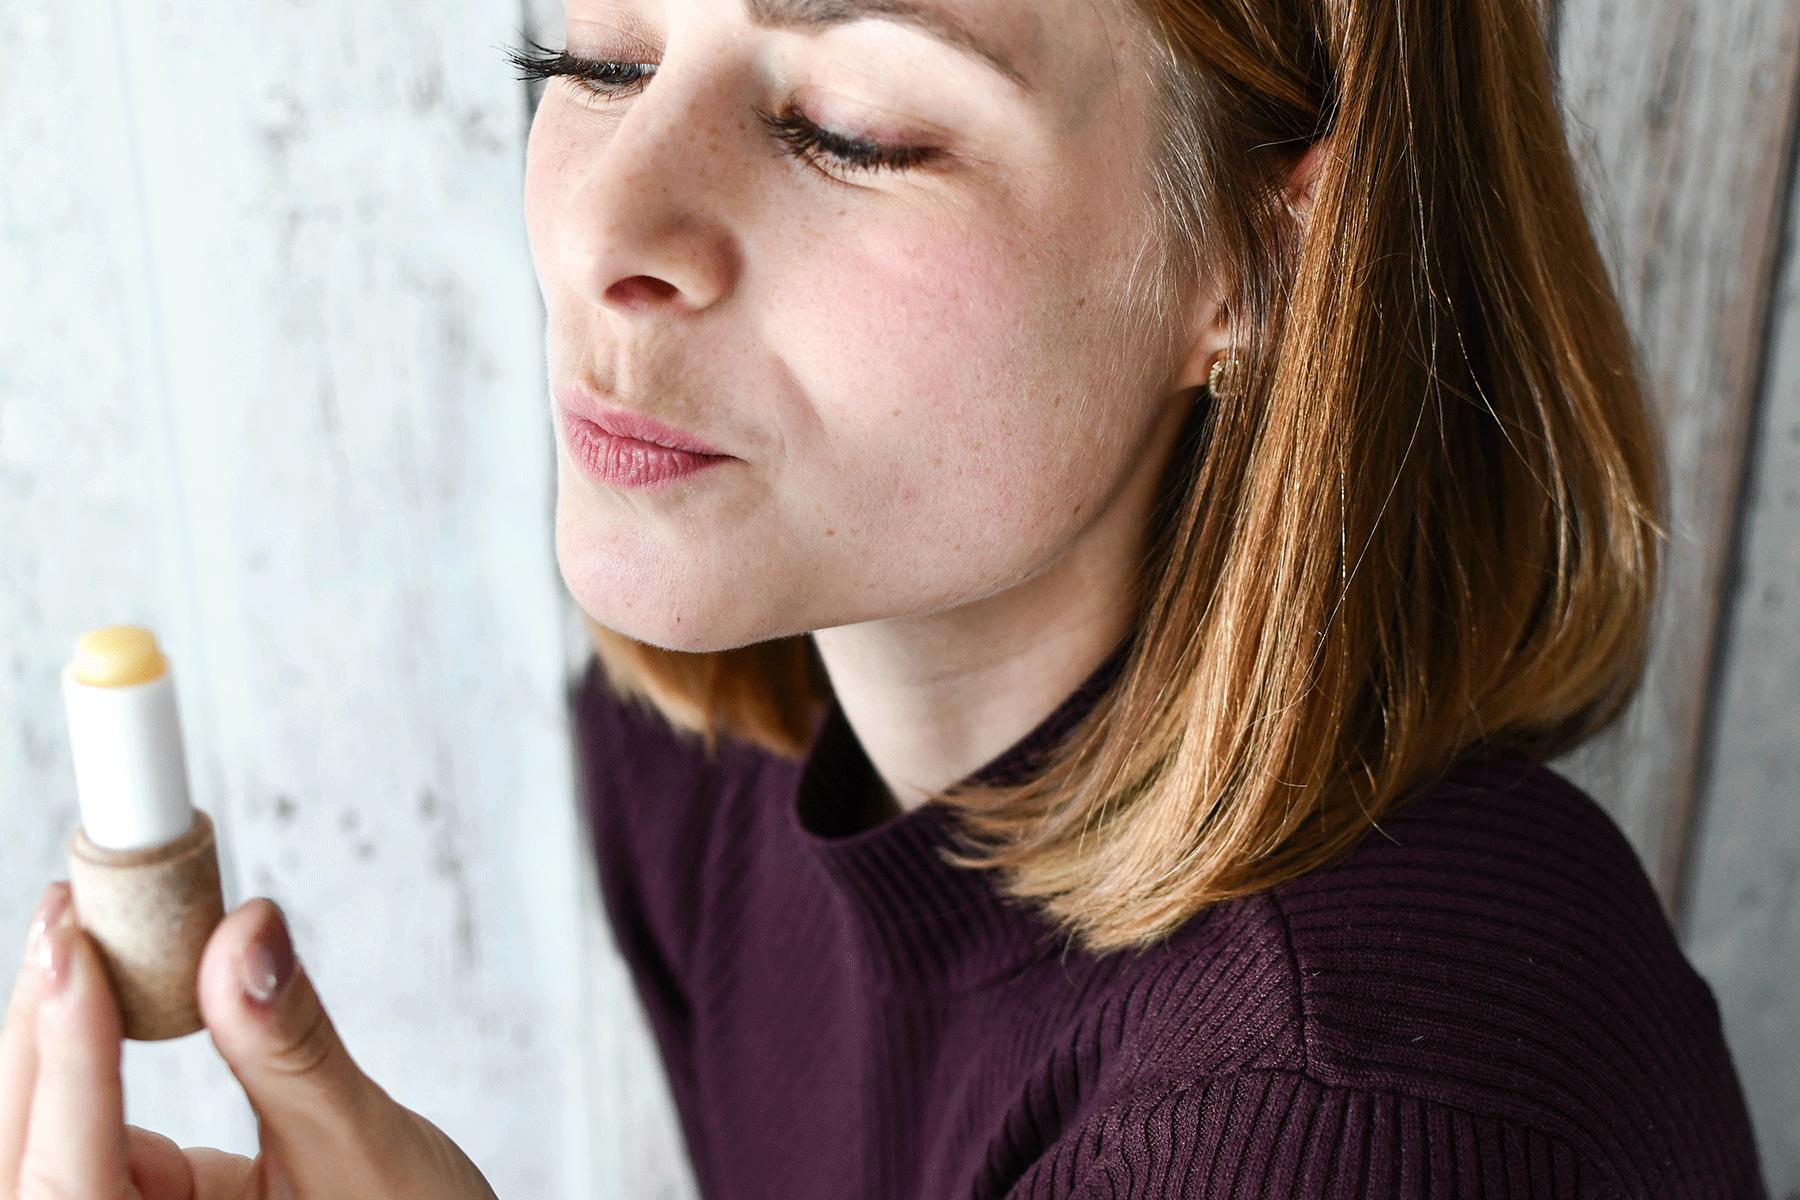 Anzeige | Lippenpflege von Kneipp: nachhaltig und natürlich